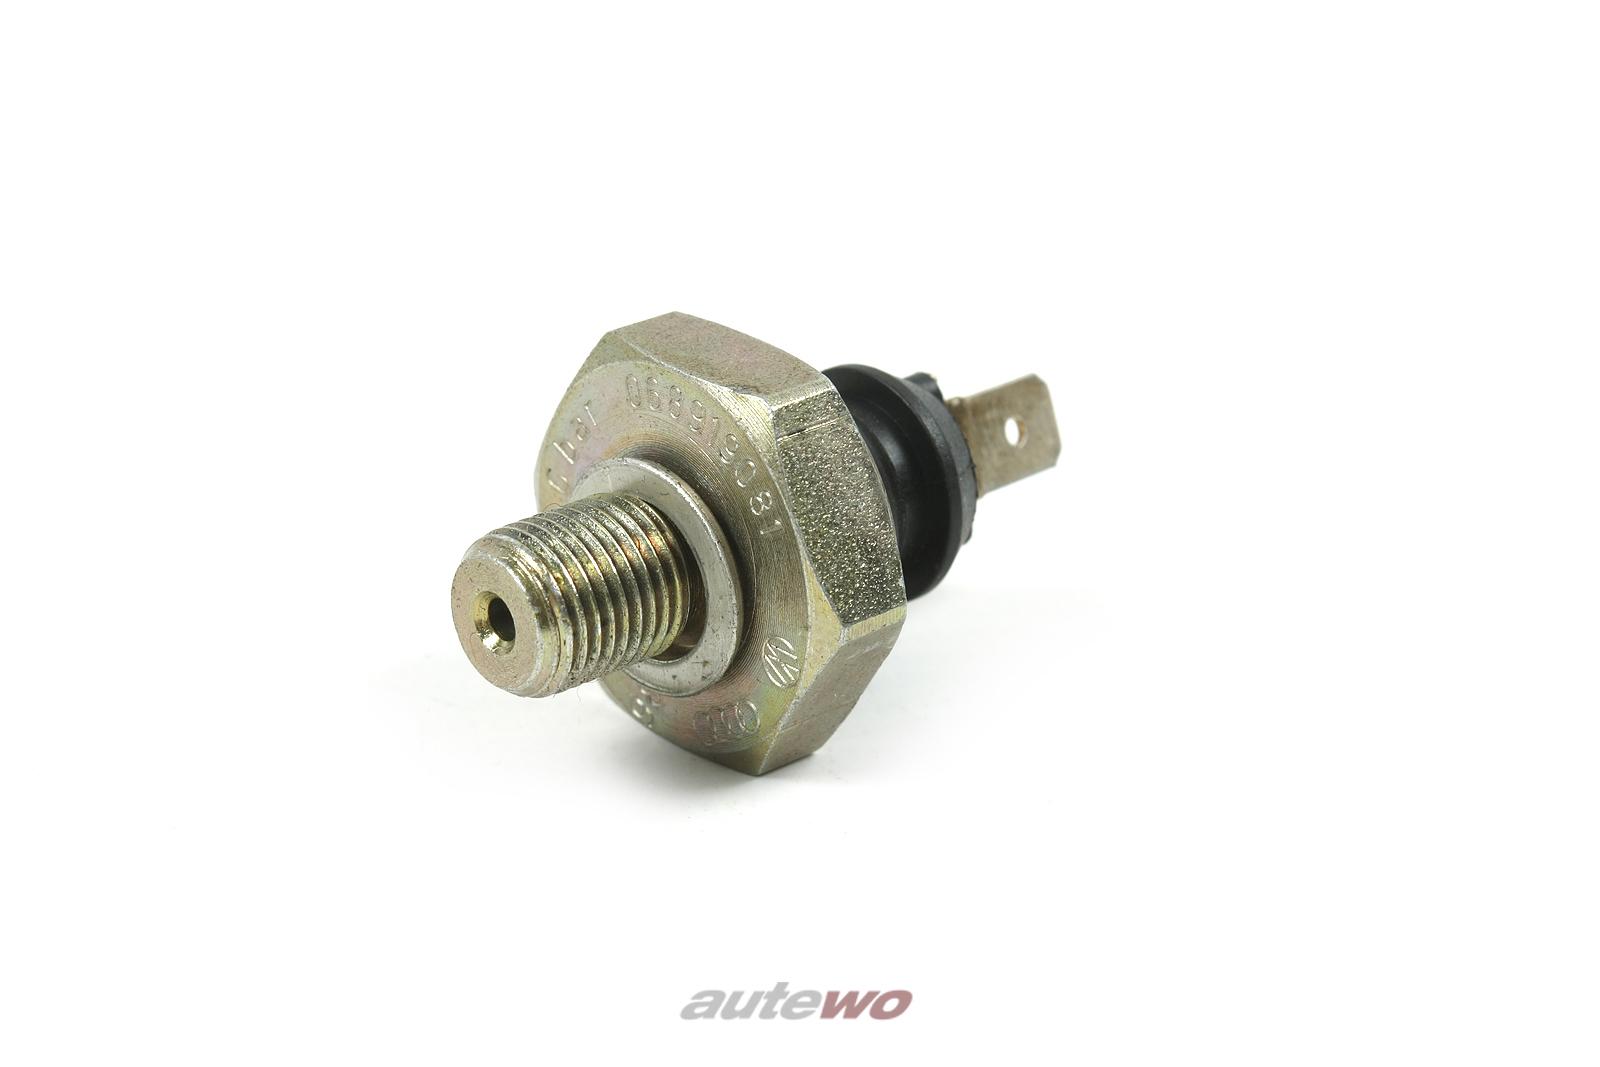 068919081D 068919081 NEU Audi/VW 80 Typ 89/100 Typ 44 Öldruckschalter